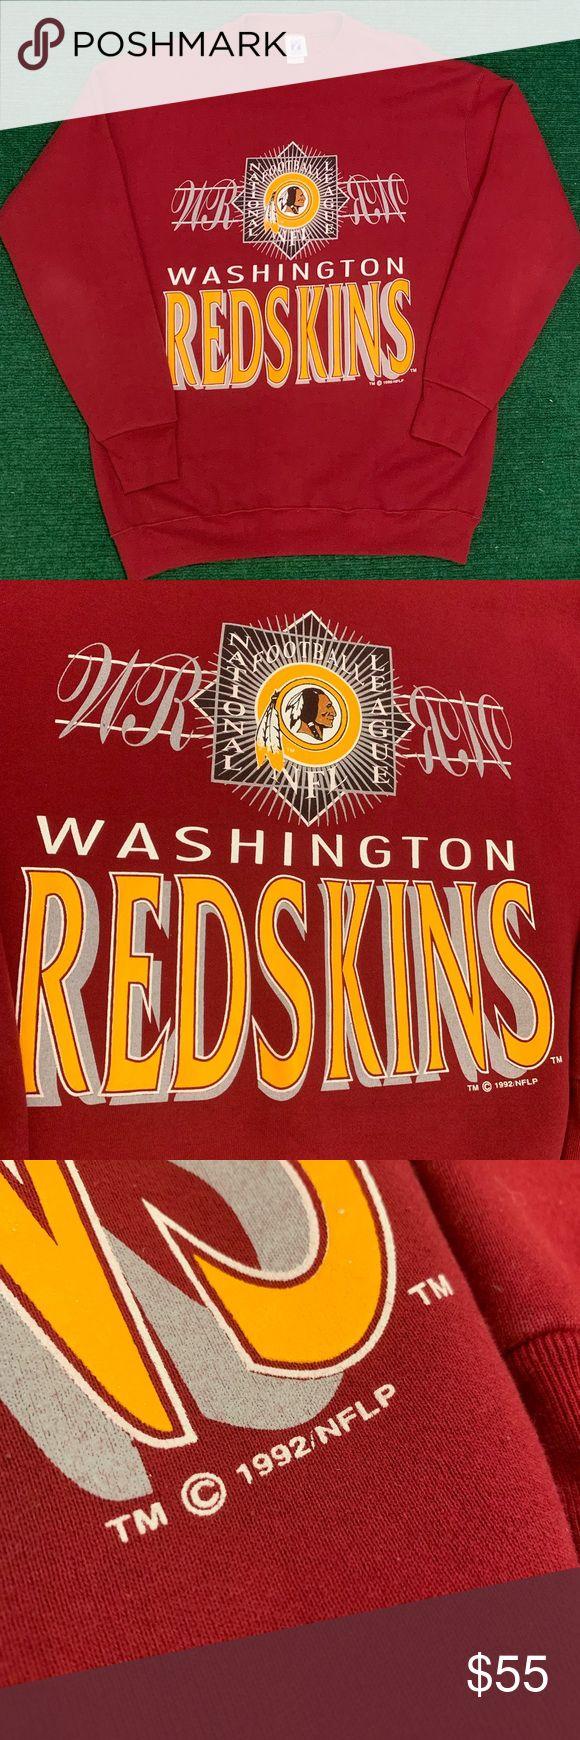 Vintage 90s Logo 7 Redskins sweatshirt in 2020 Vintage